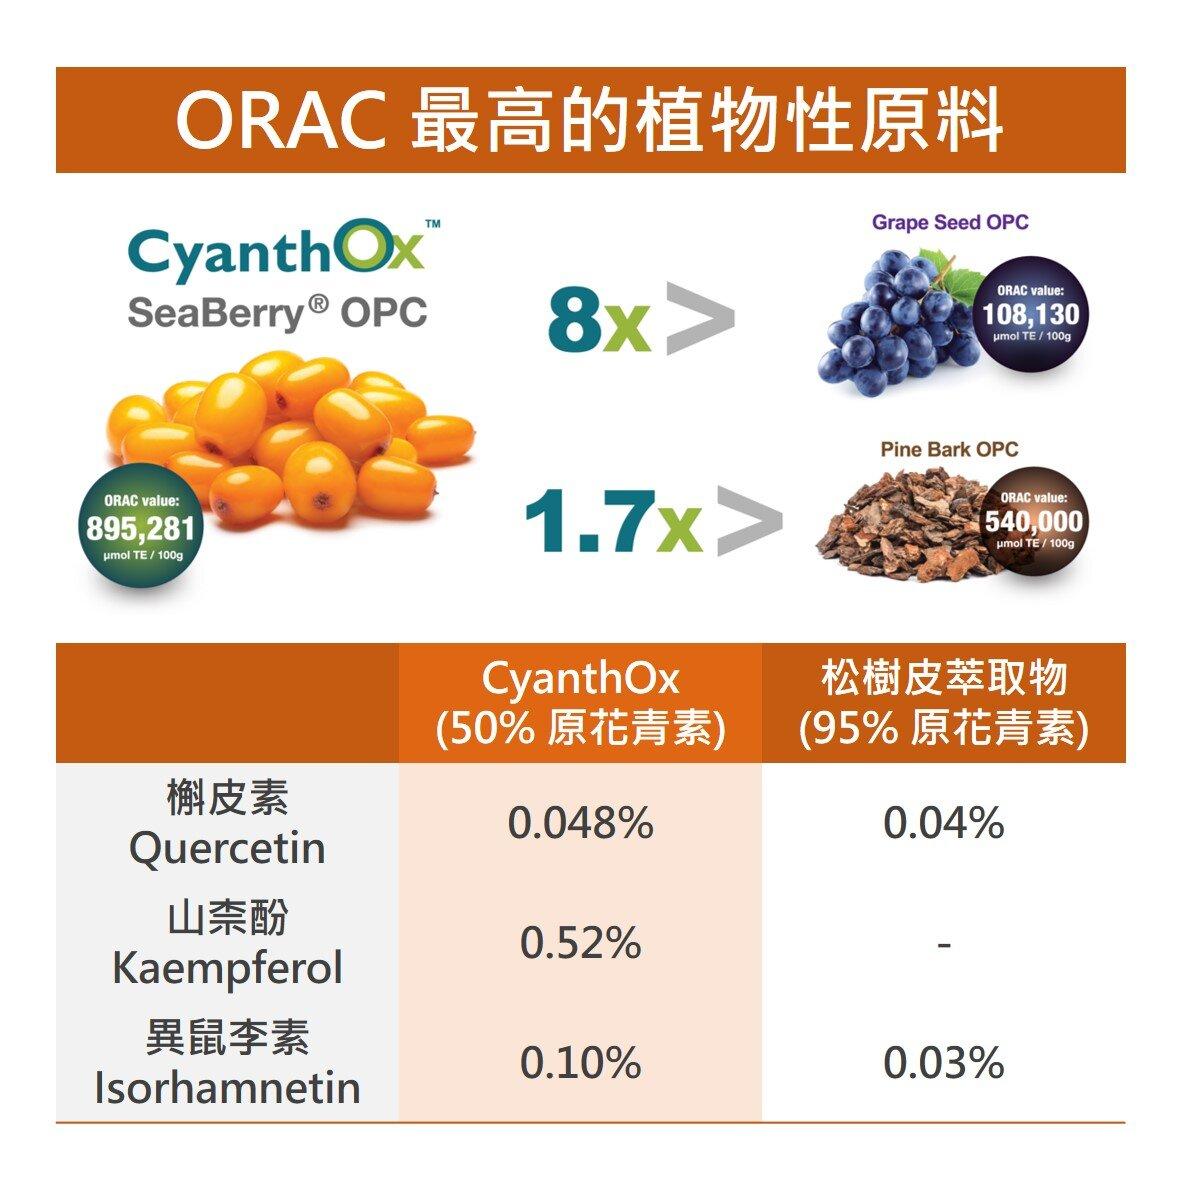 CyanthOx 沙棘籽萃取物為抗氧化力最高的次世代 OPC 植物萃取原料